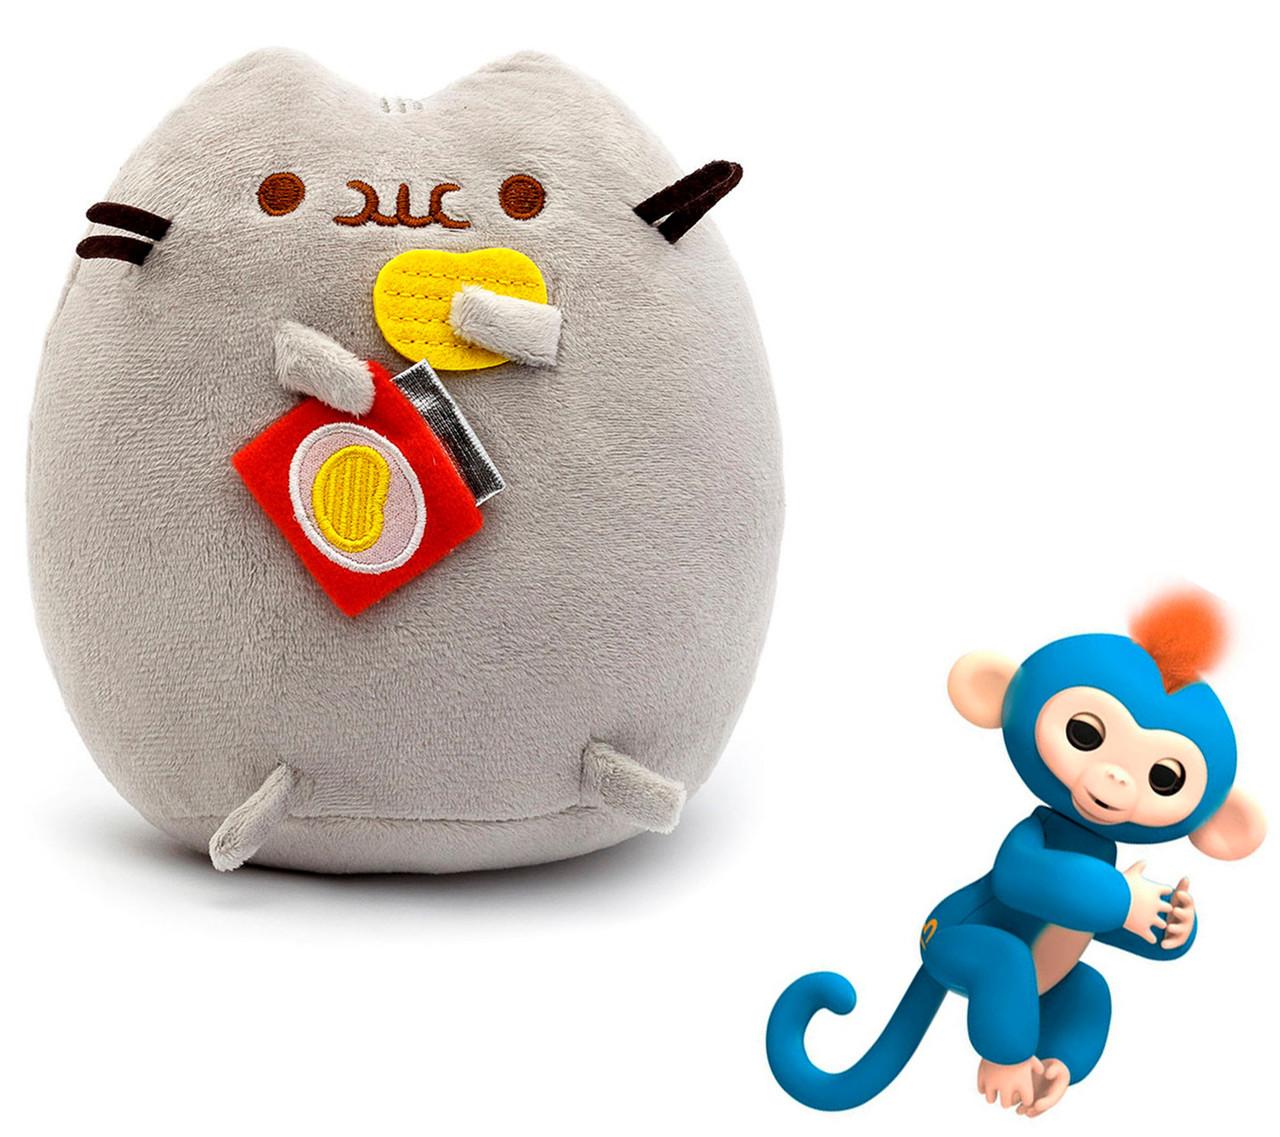 Комплект Мягкая игрушка кот с чипсами Pusheen cat и Игрушка интерактивная Happy Monkey (vol-661)